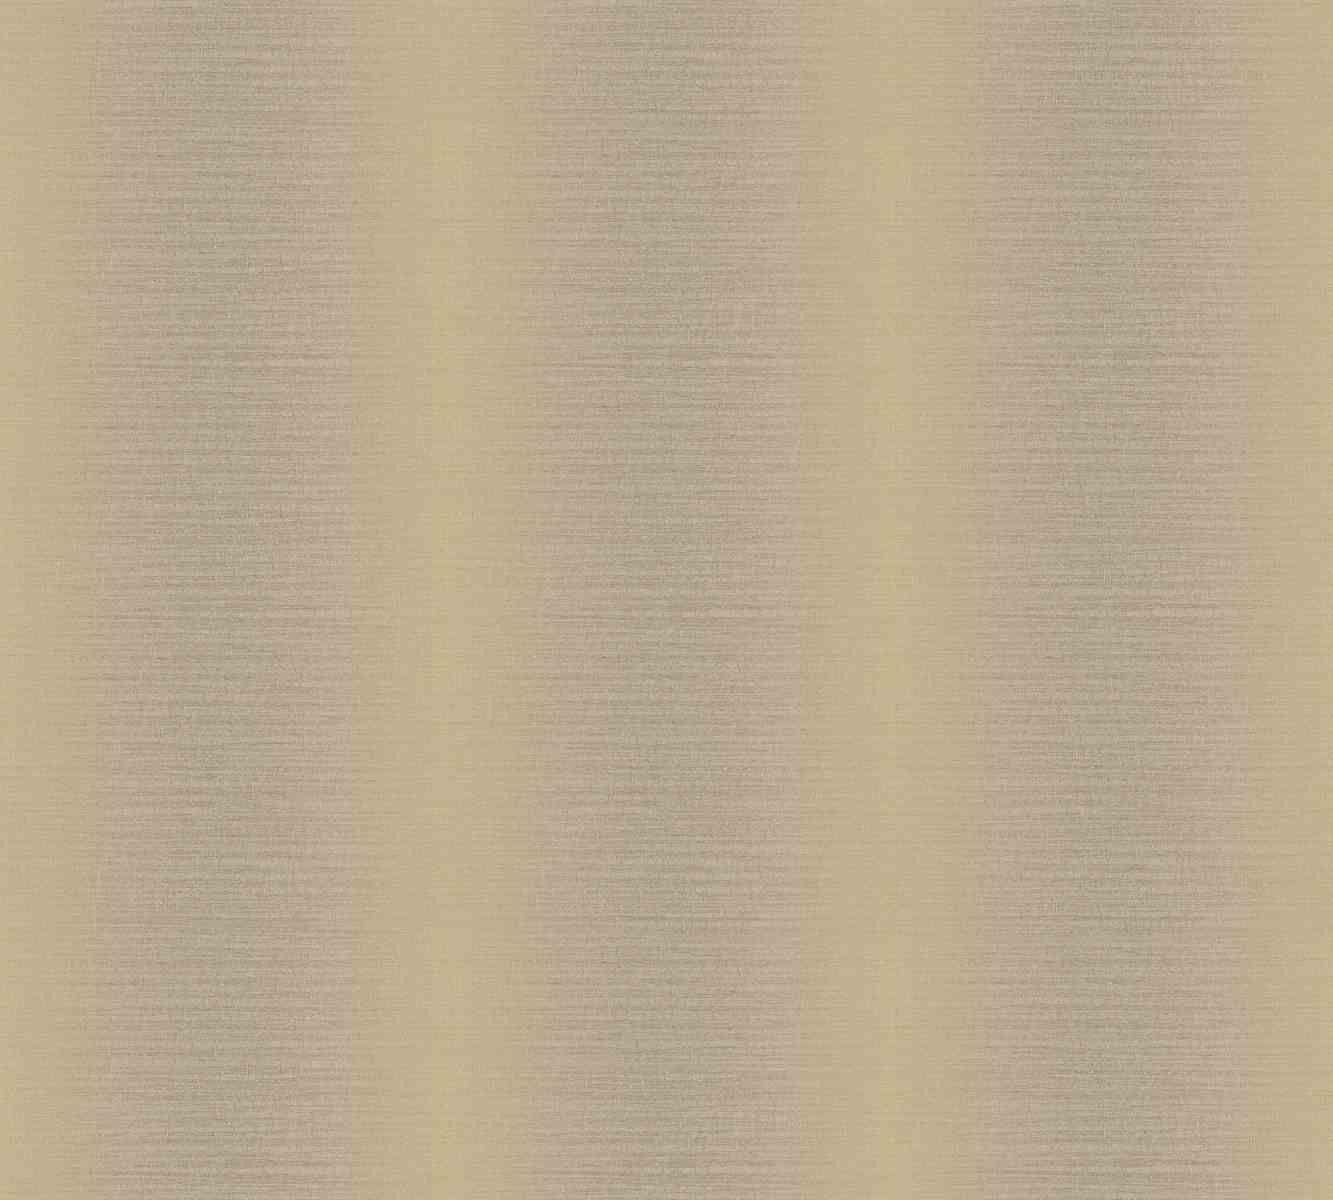 mystique plain colour wall paper beige metallic 959112